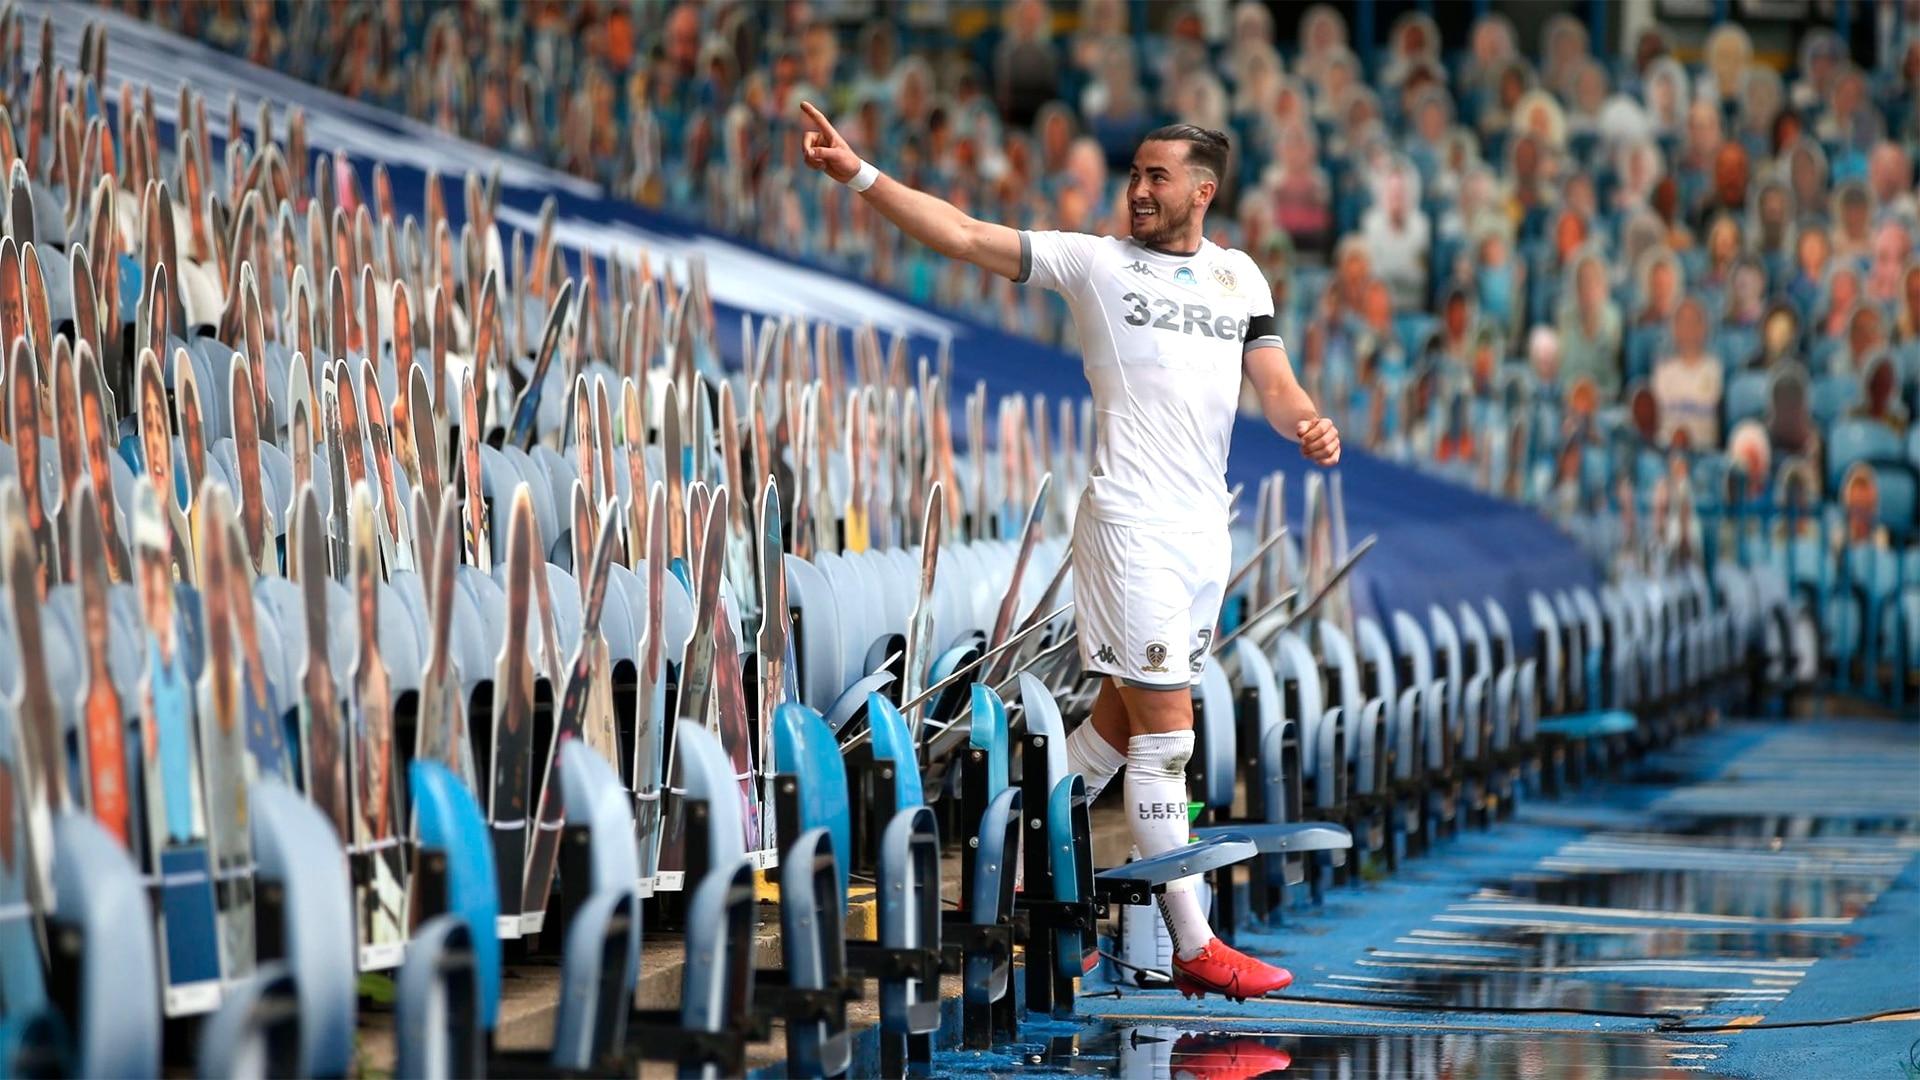 El Leeds United de Bielsa triunfó, festejó con sus hinchas de cartón y acaricia el ascenso a la Premier - Infobae